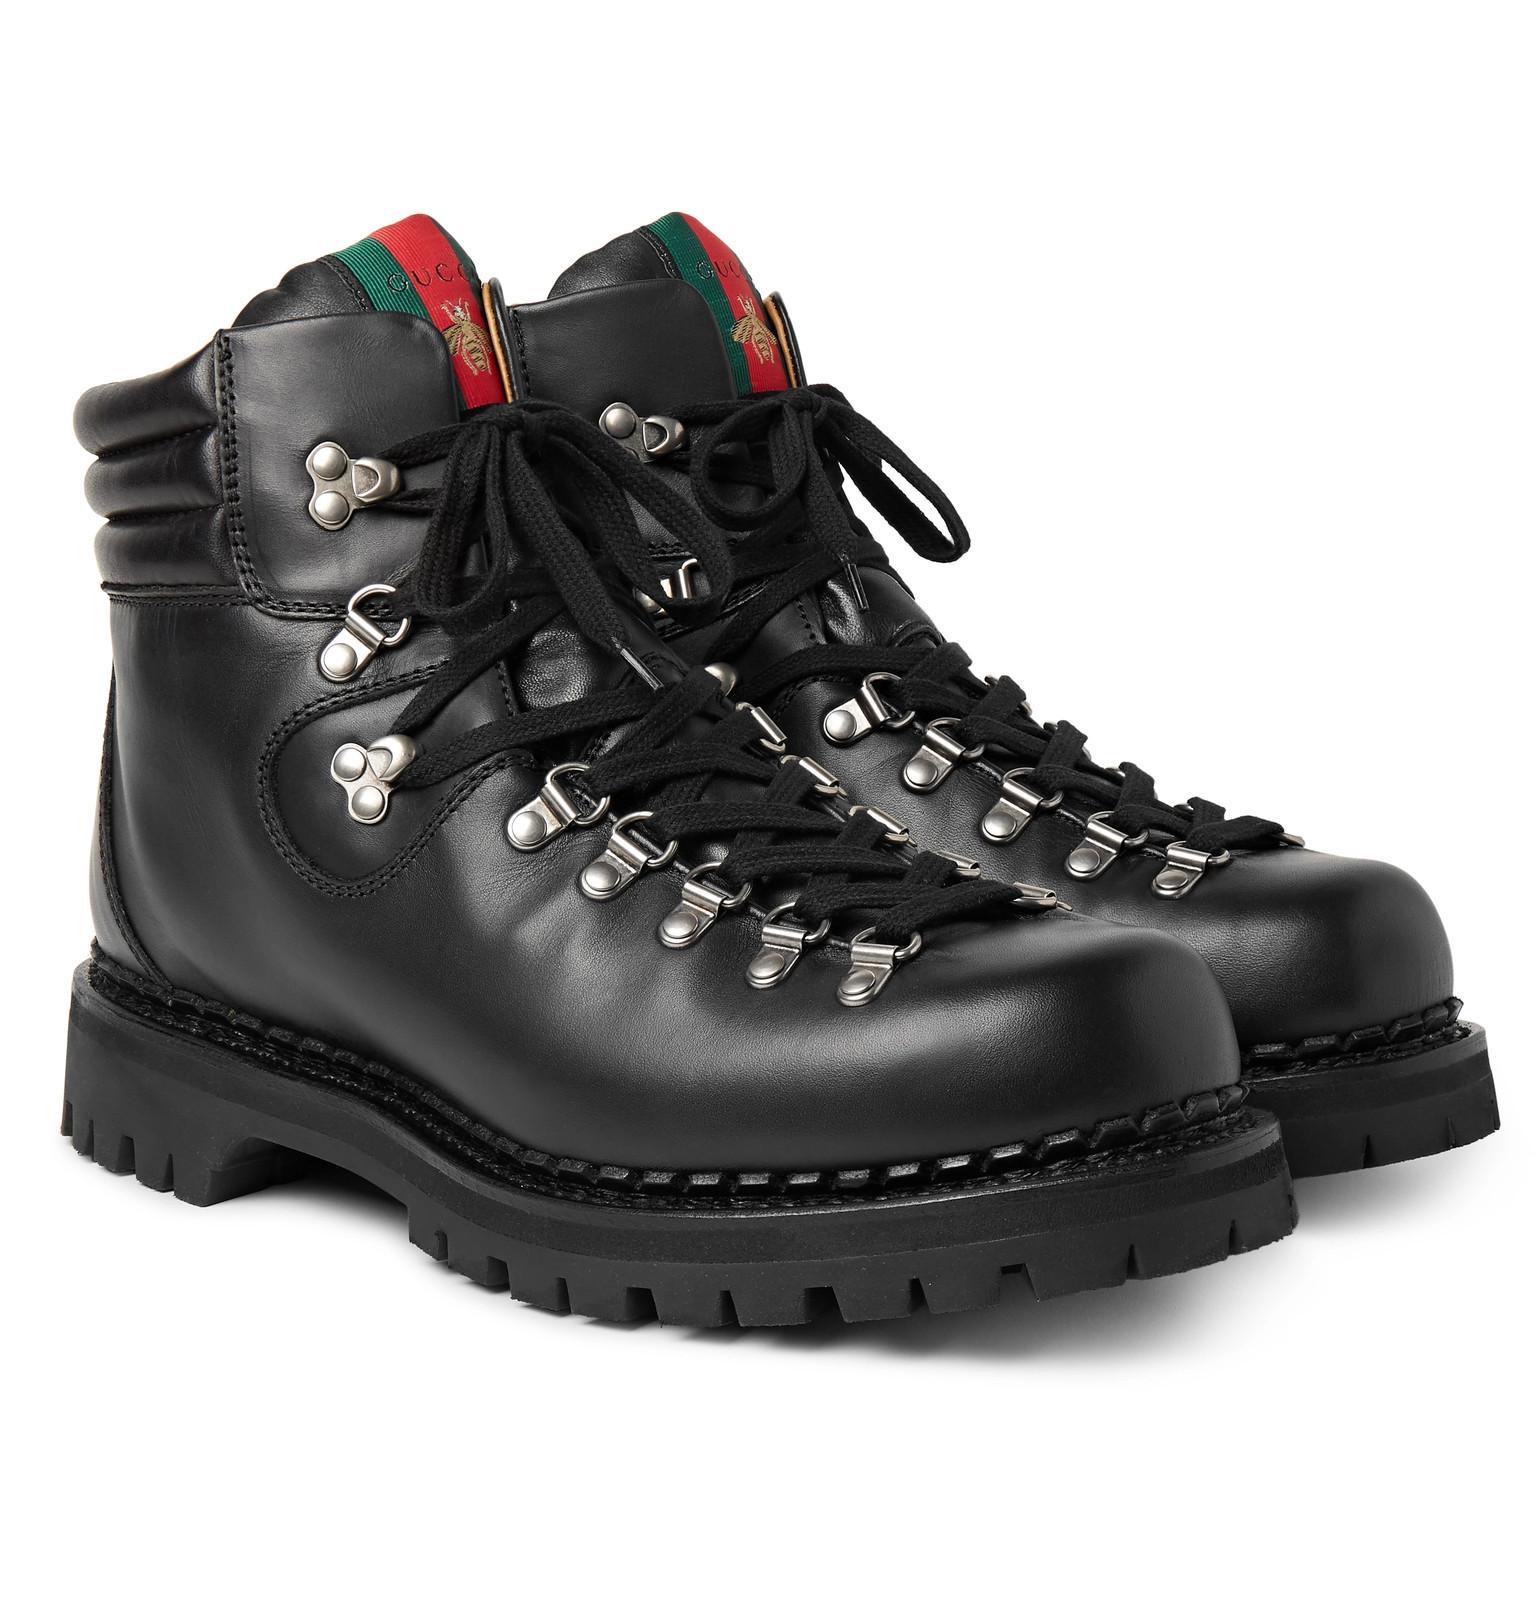 e7f8e669f7fc Lyst - Gucci Tracker Leather Boots in Black for Men